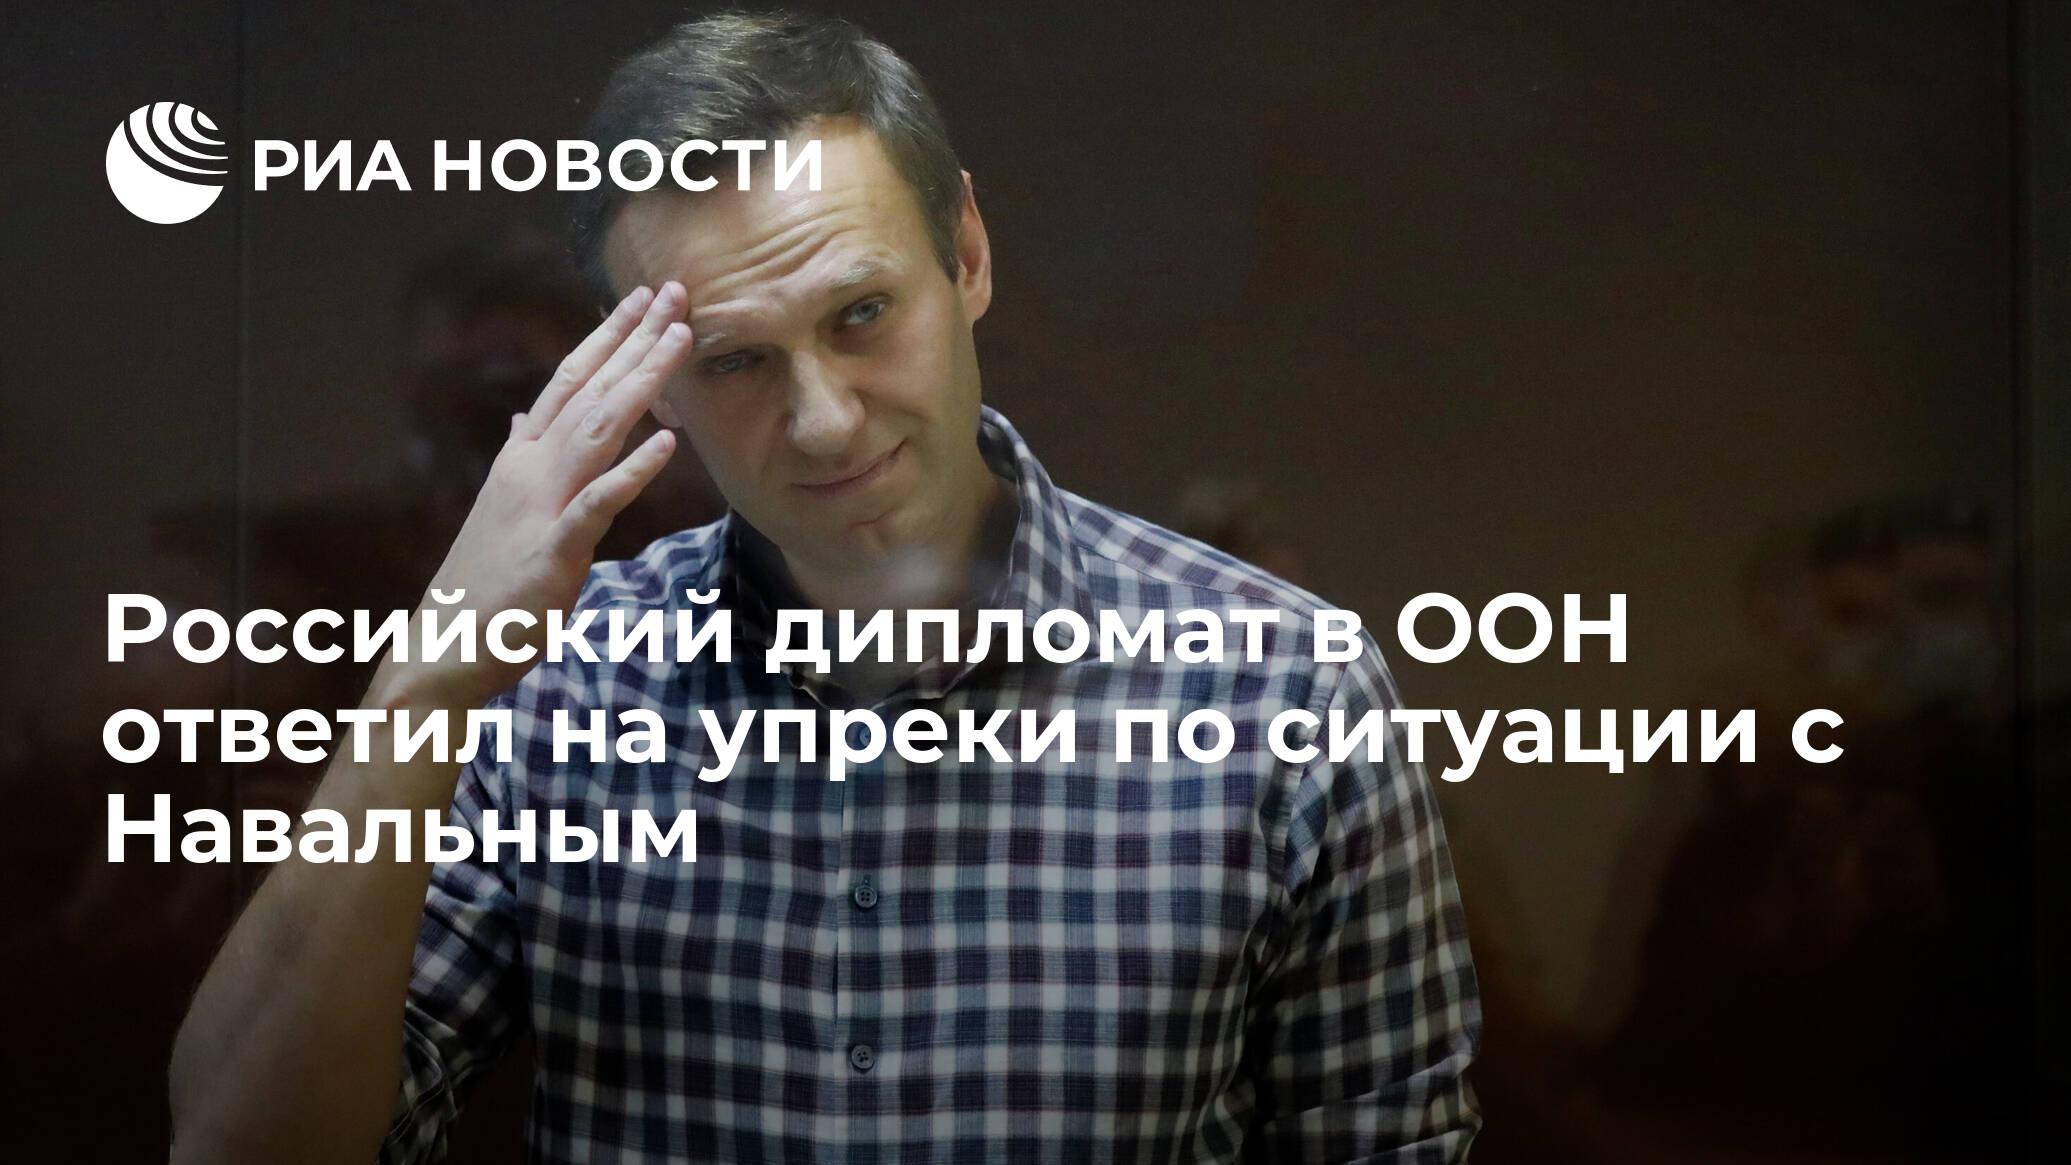 Российский дипломат в ООН ответил на упреки по ситуации с Навальным